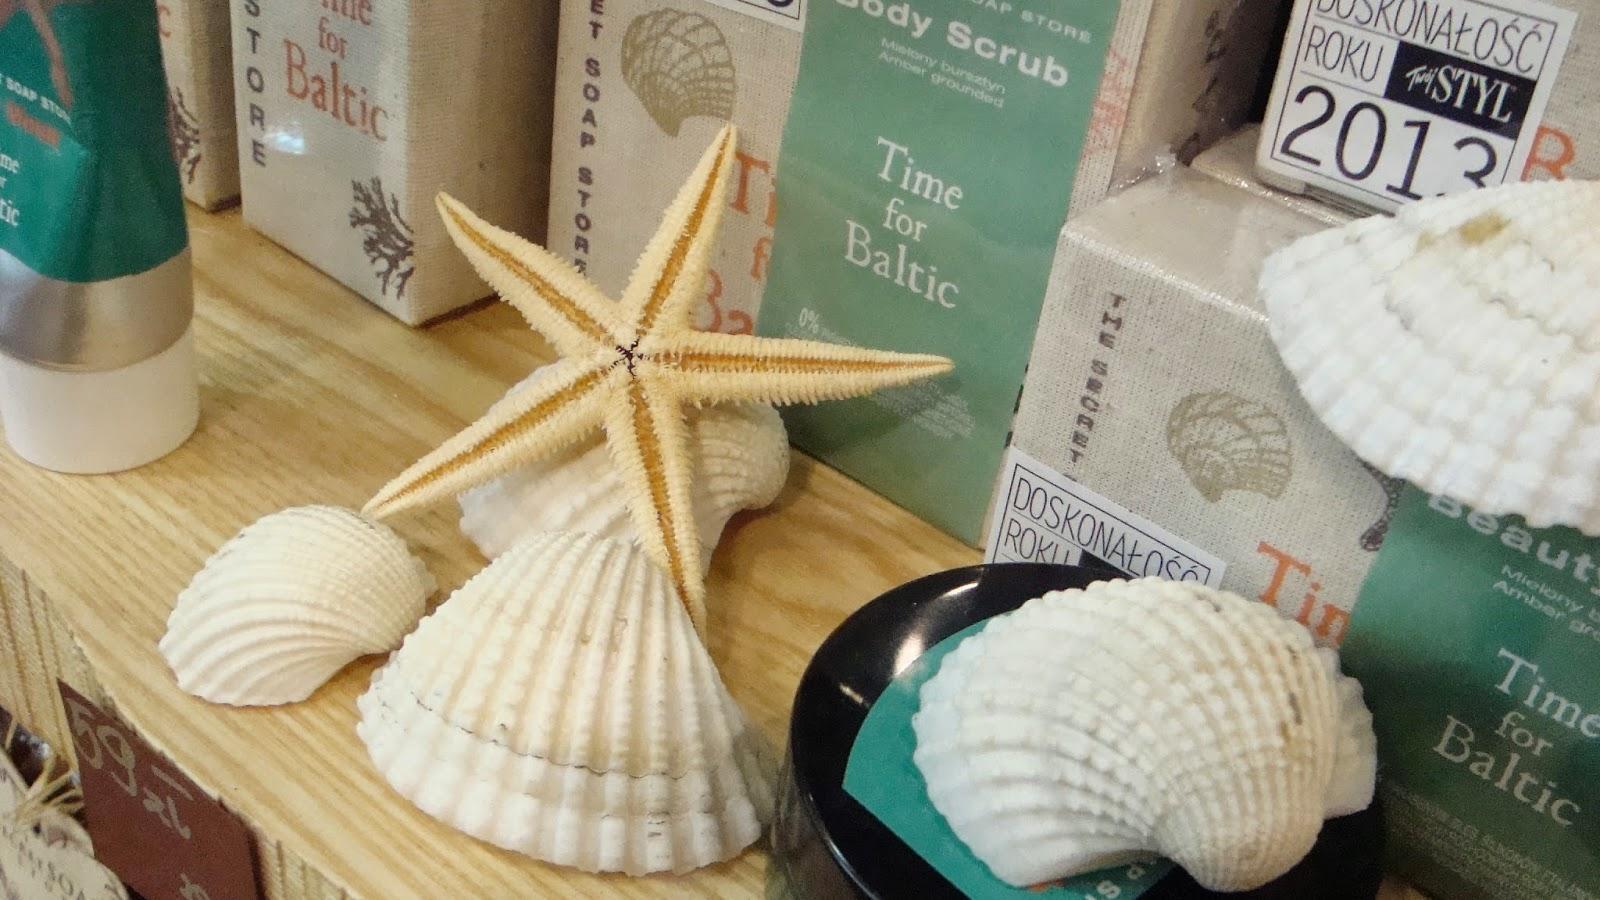 The Sercret Soap Store - Wizyta w sklepie stacjonarnym w GK